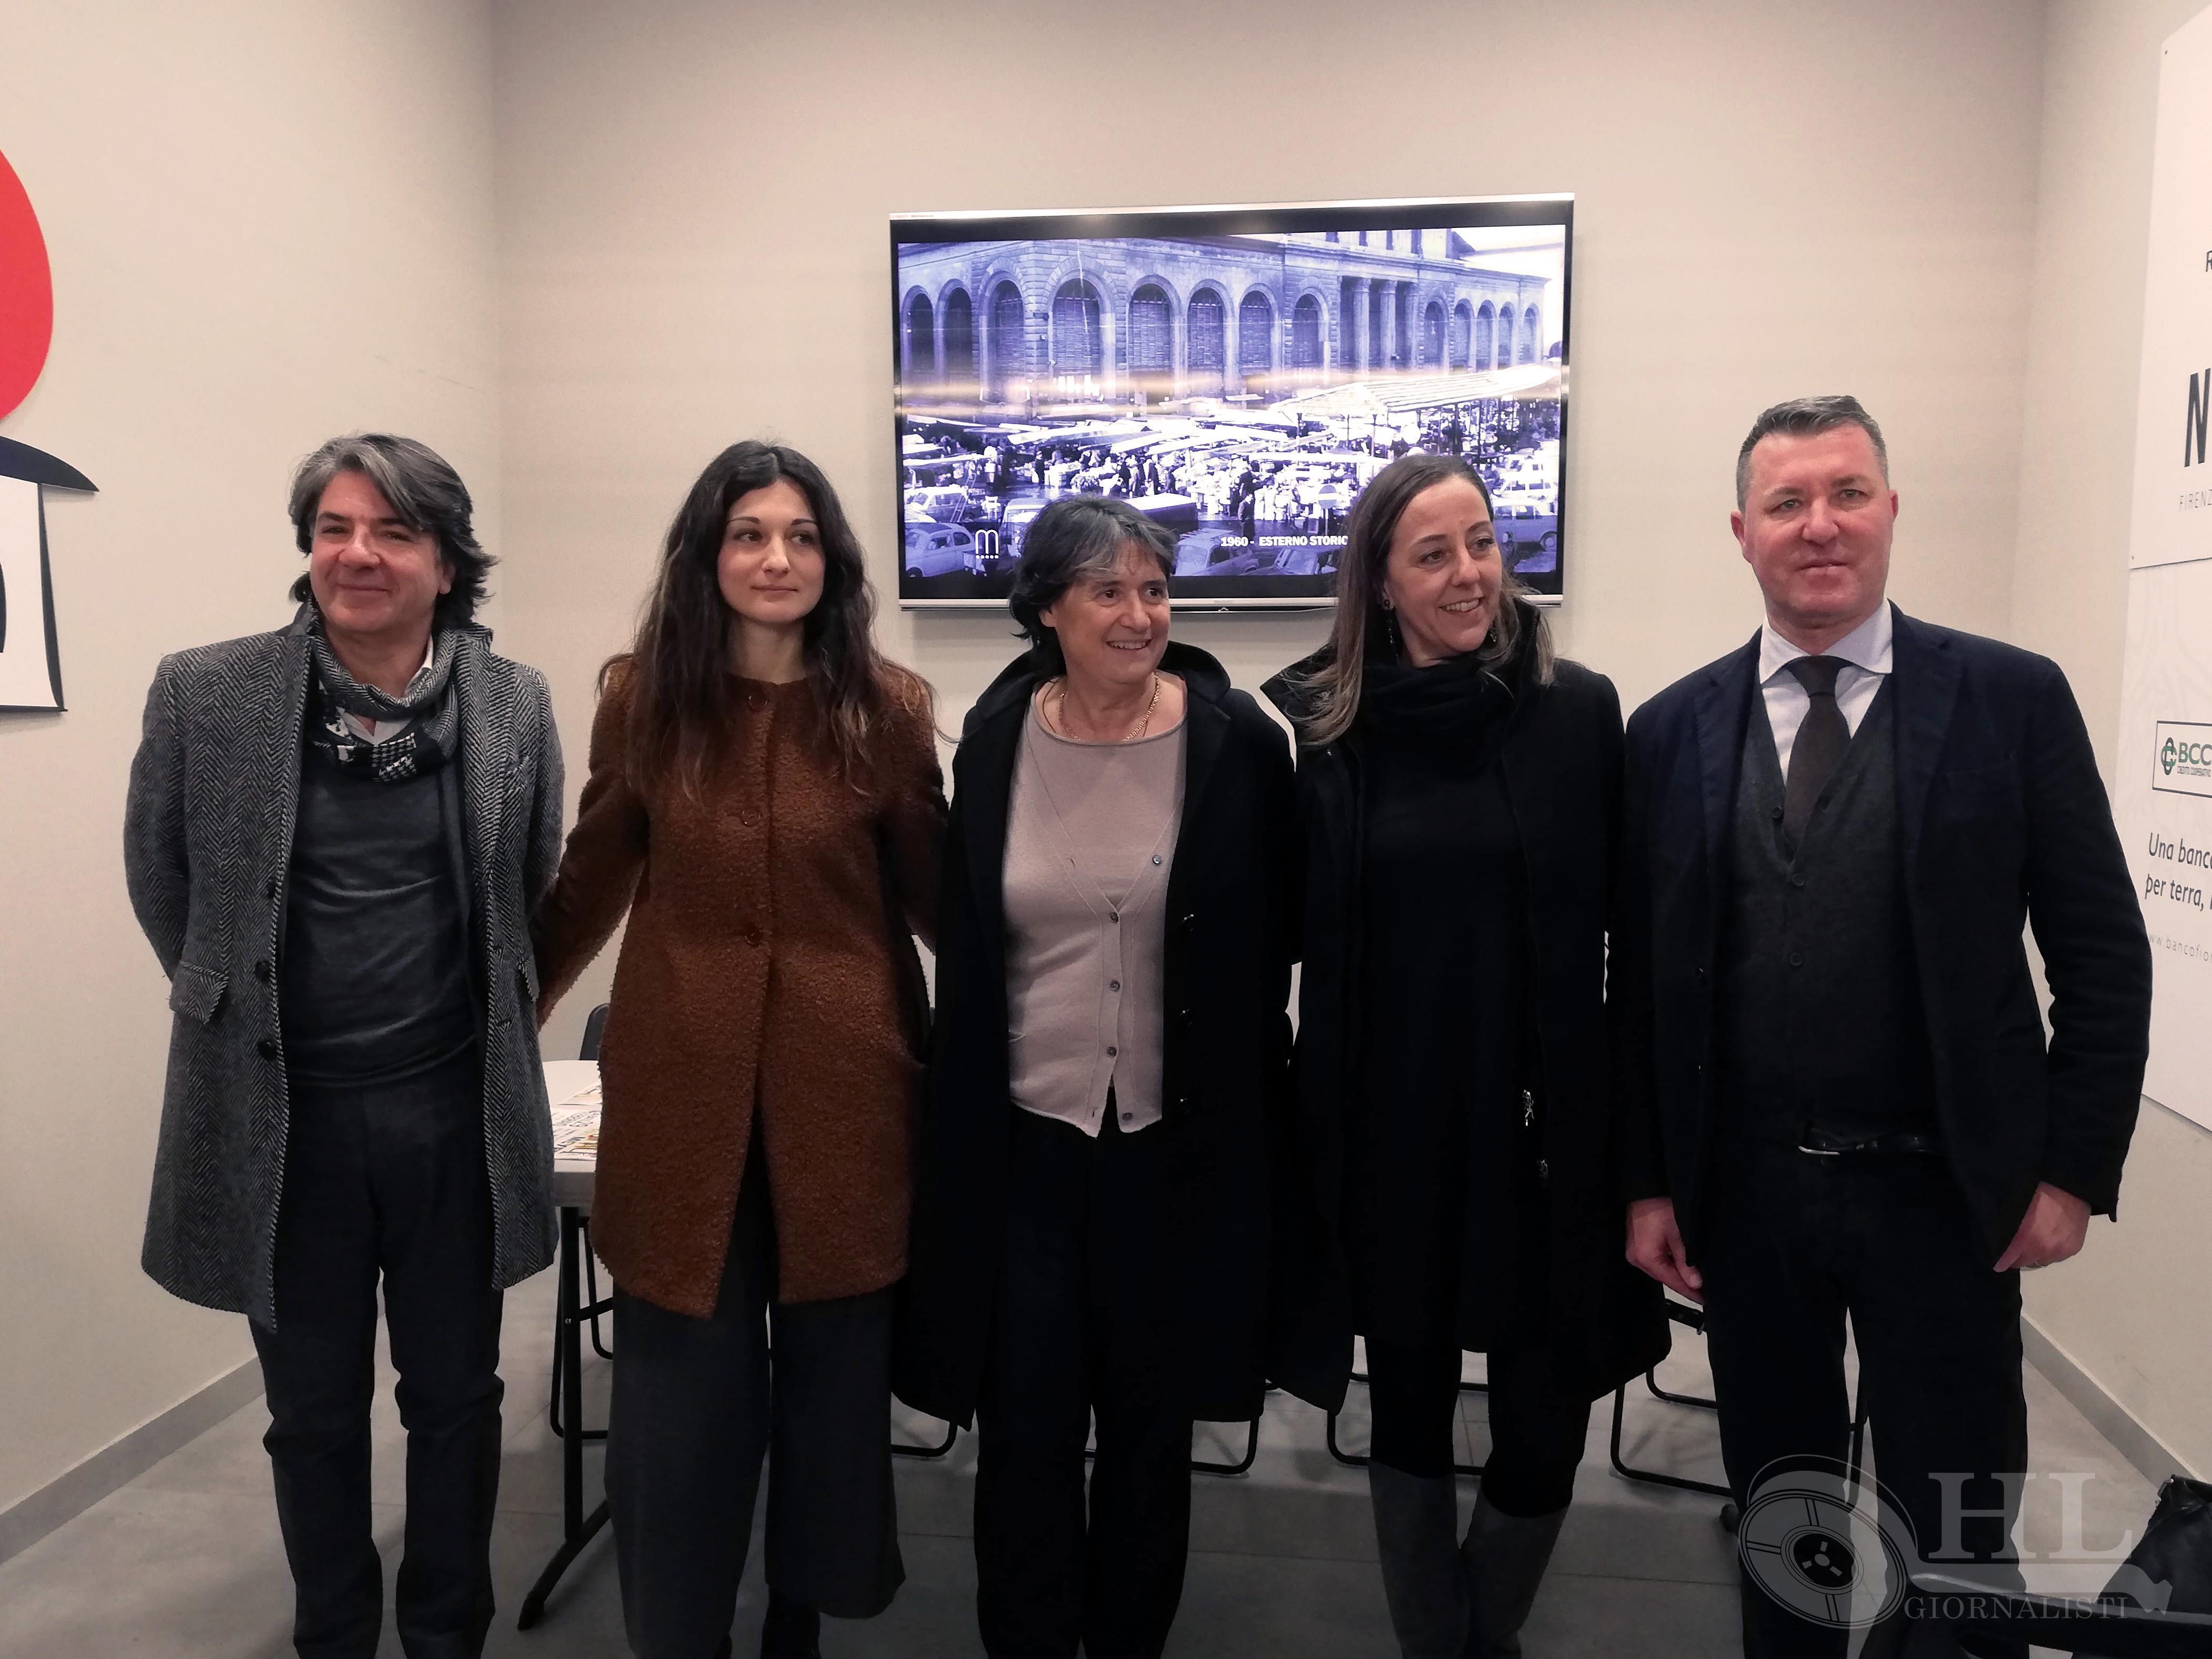 IL PIANO TERRA DEL MERCATO CENTRALE A SOSTEGNO DELLA FONDAZIONE DELL'OSPEDALE PEDIATRICO MEYER